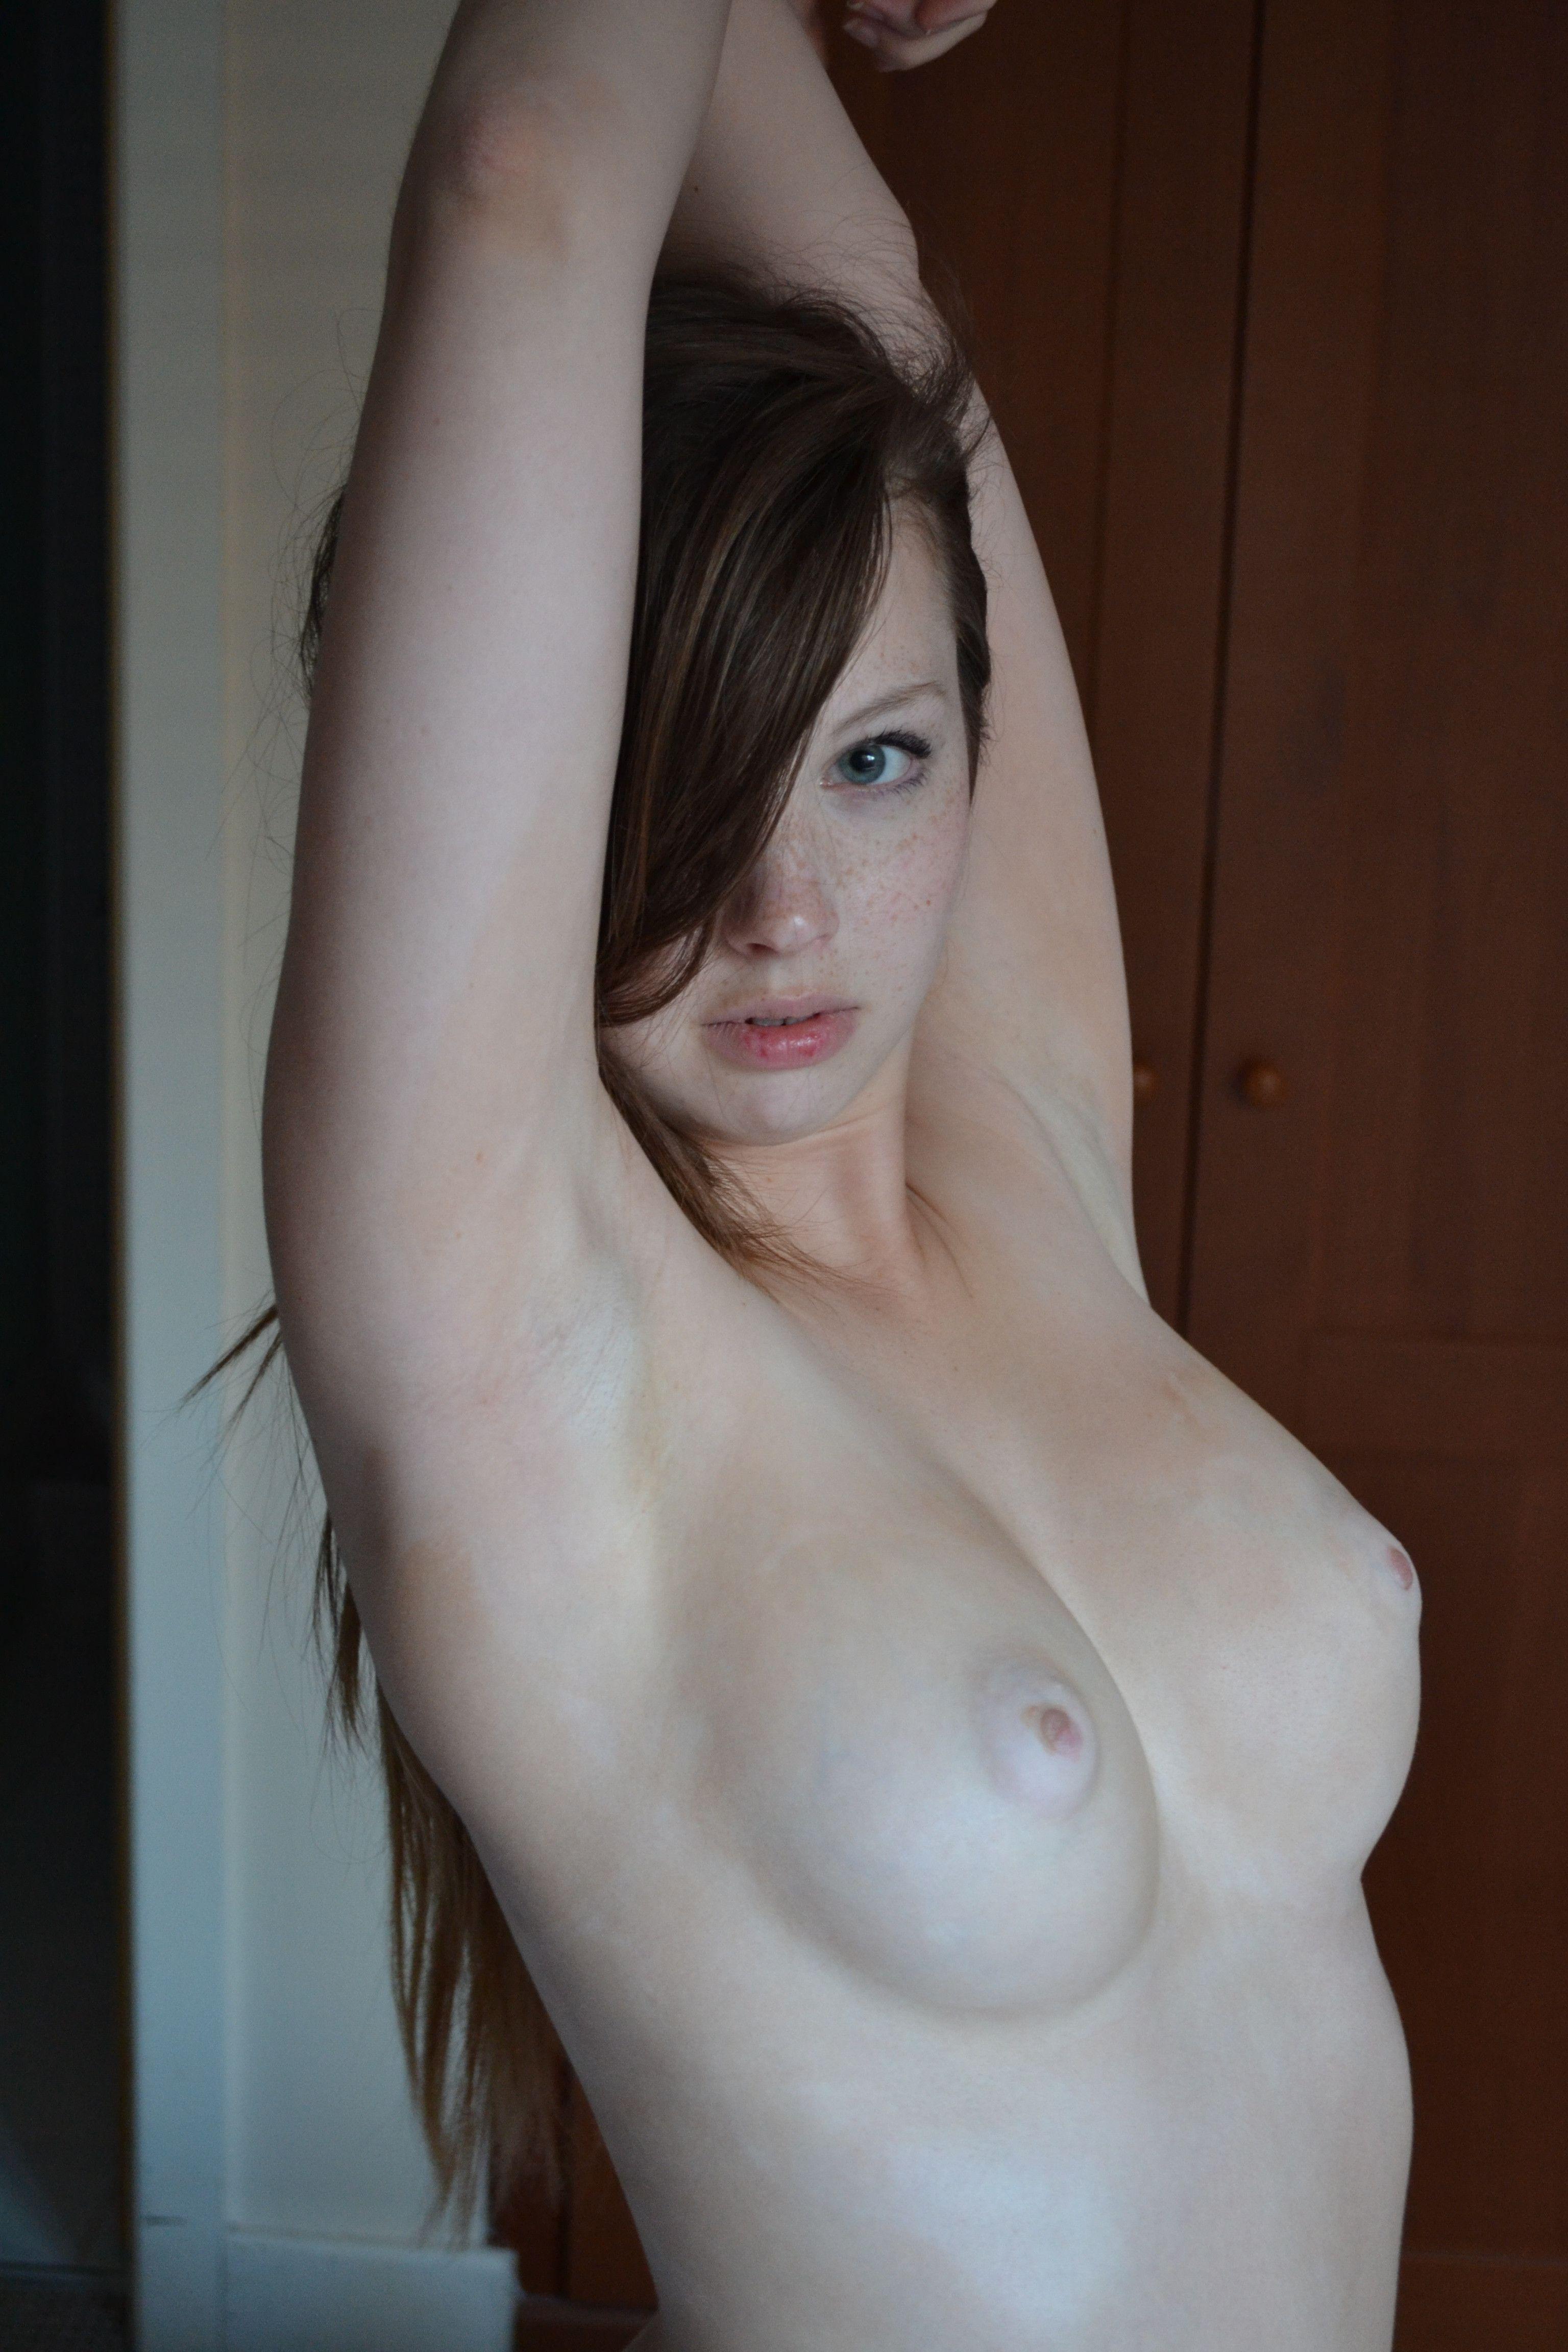 Гламурной шикарной голая молодая девушка бледная частные девушки большие члены трахают